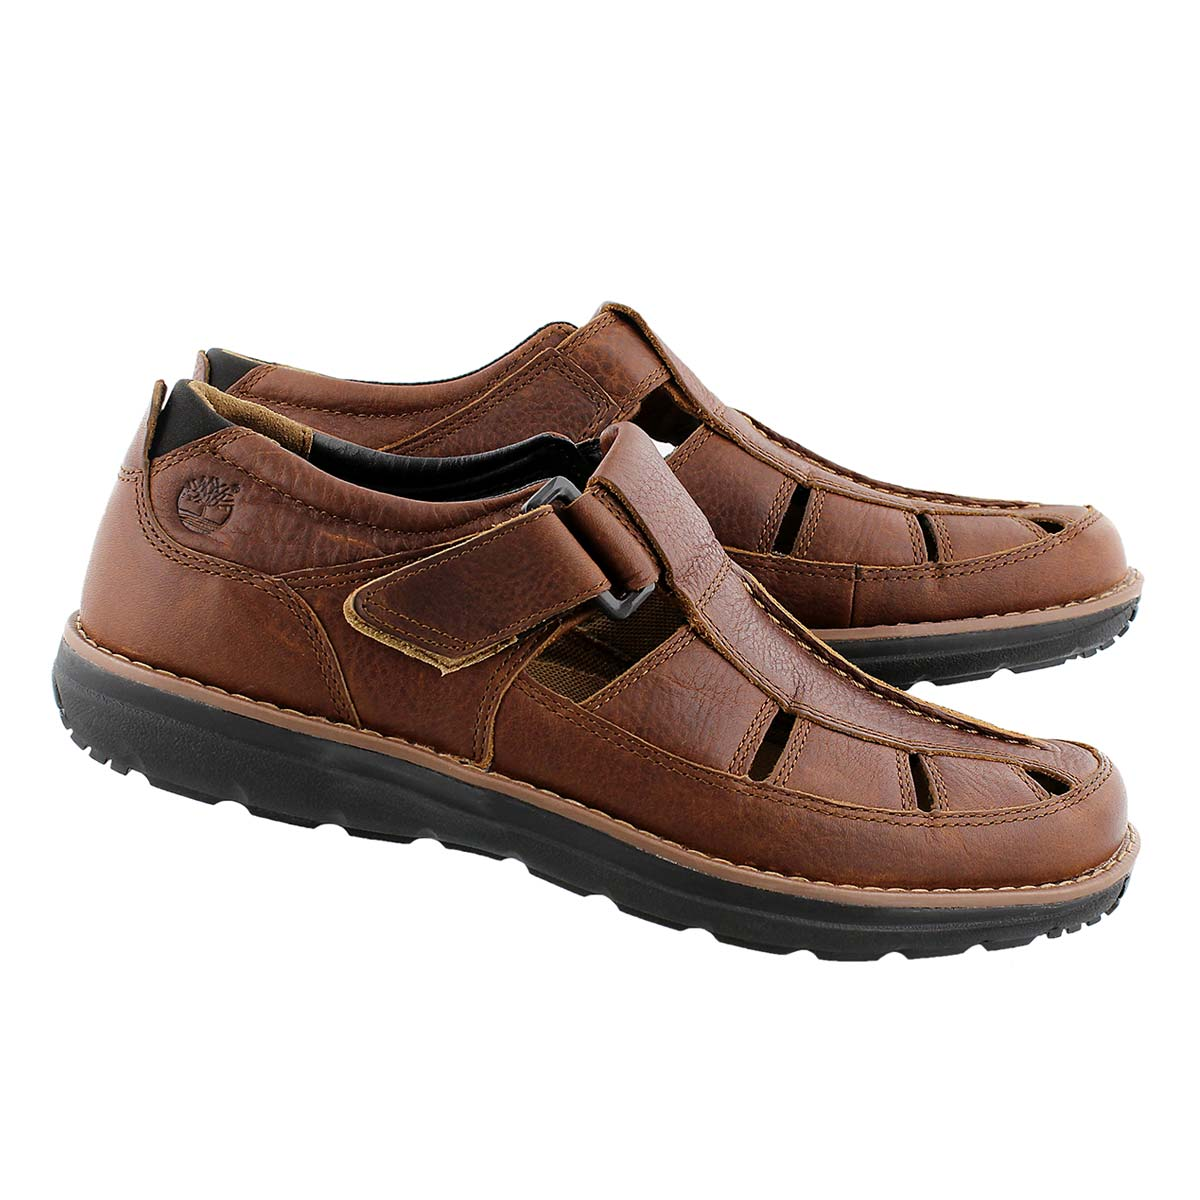 Mns Barrett Park brown fisherman sandal